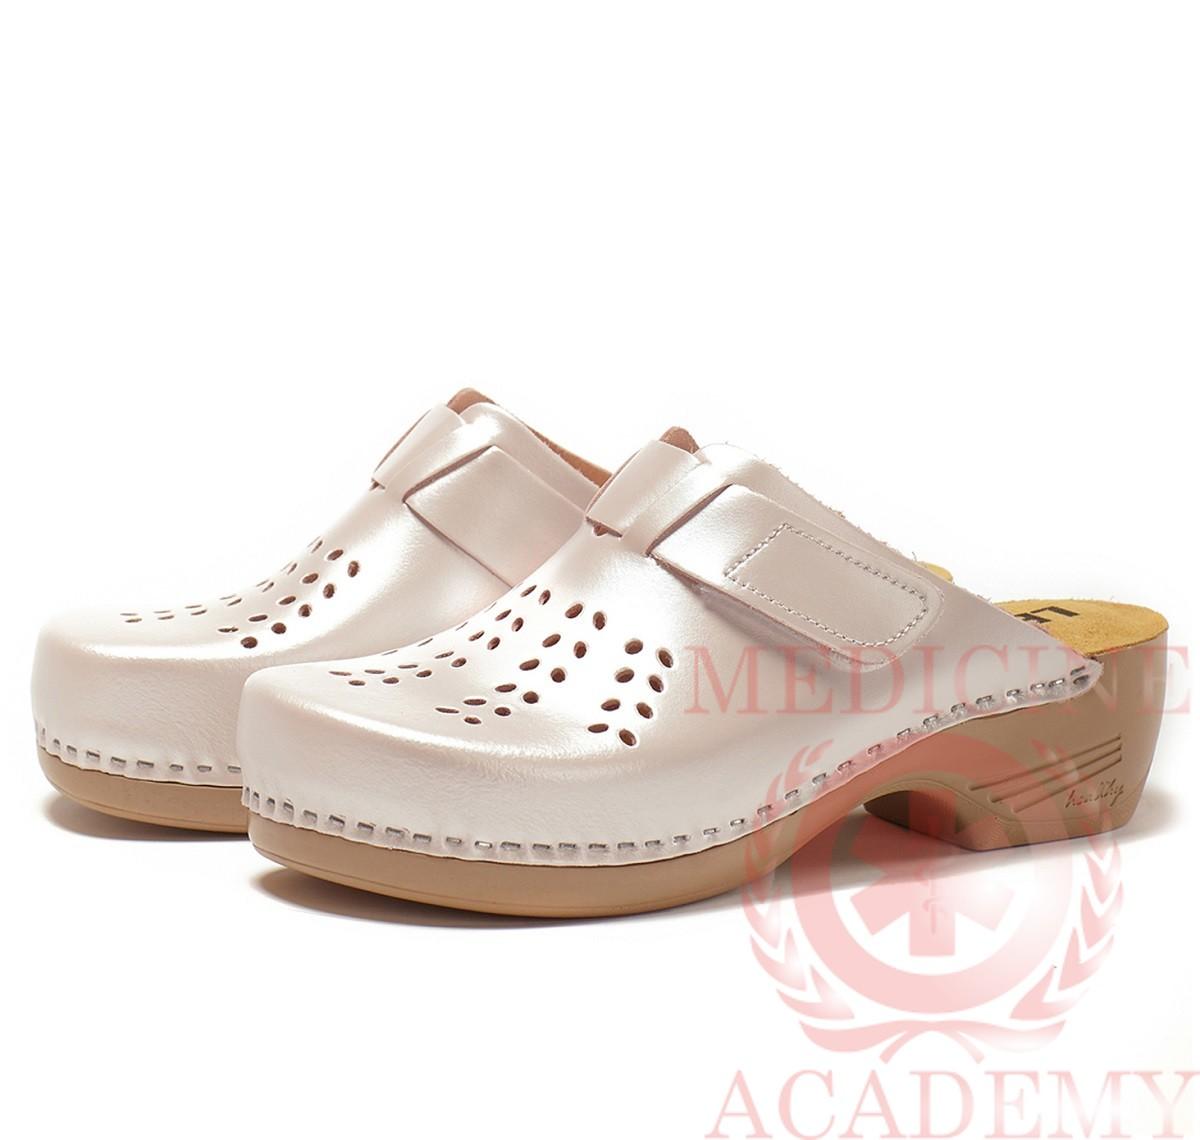 Медицинская обувь - сабо